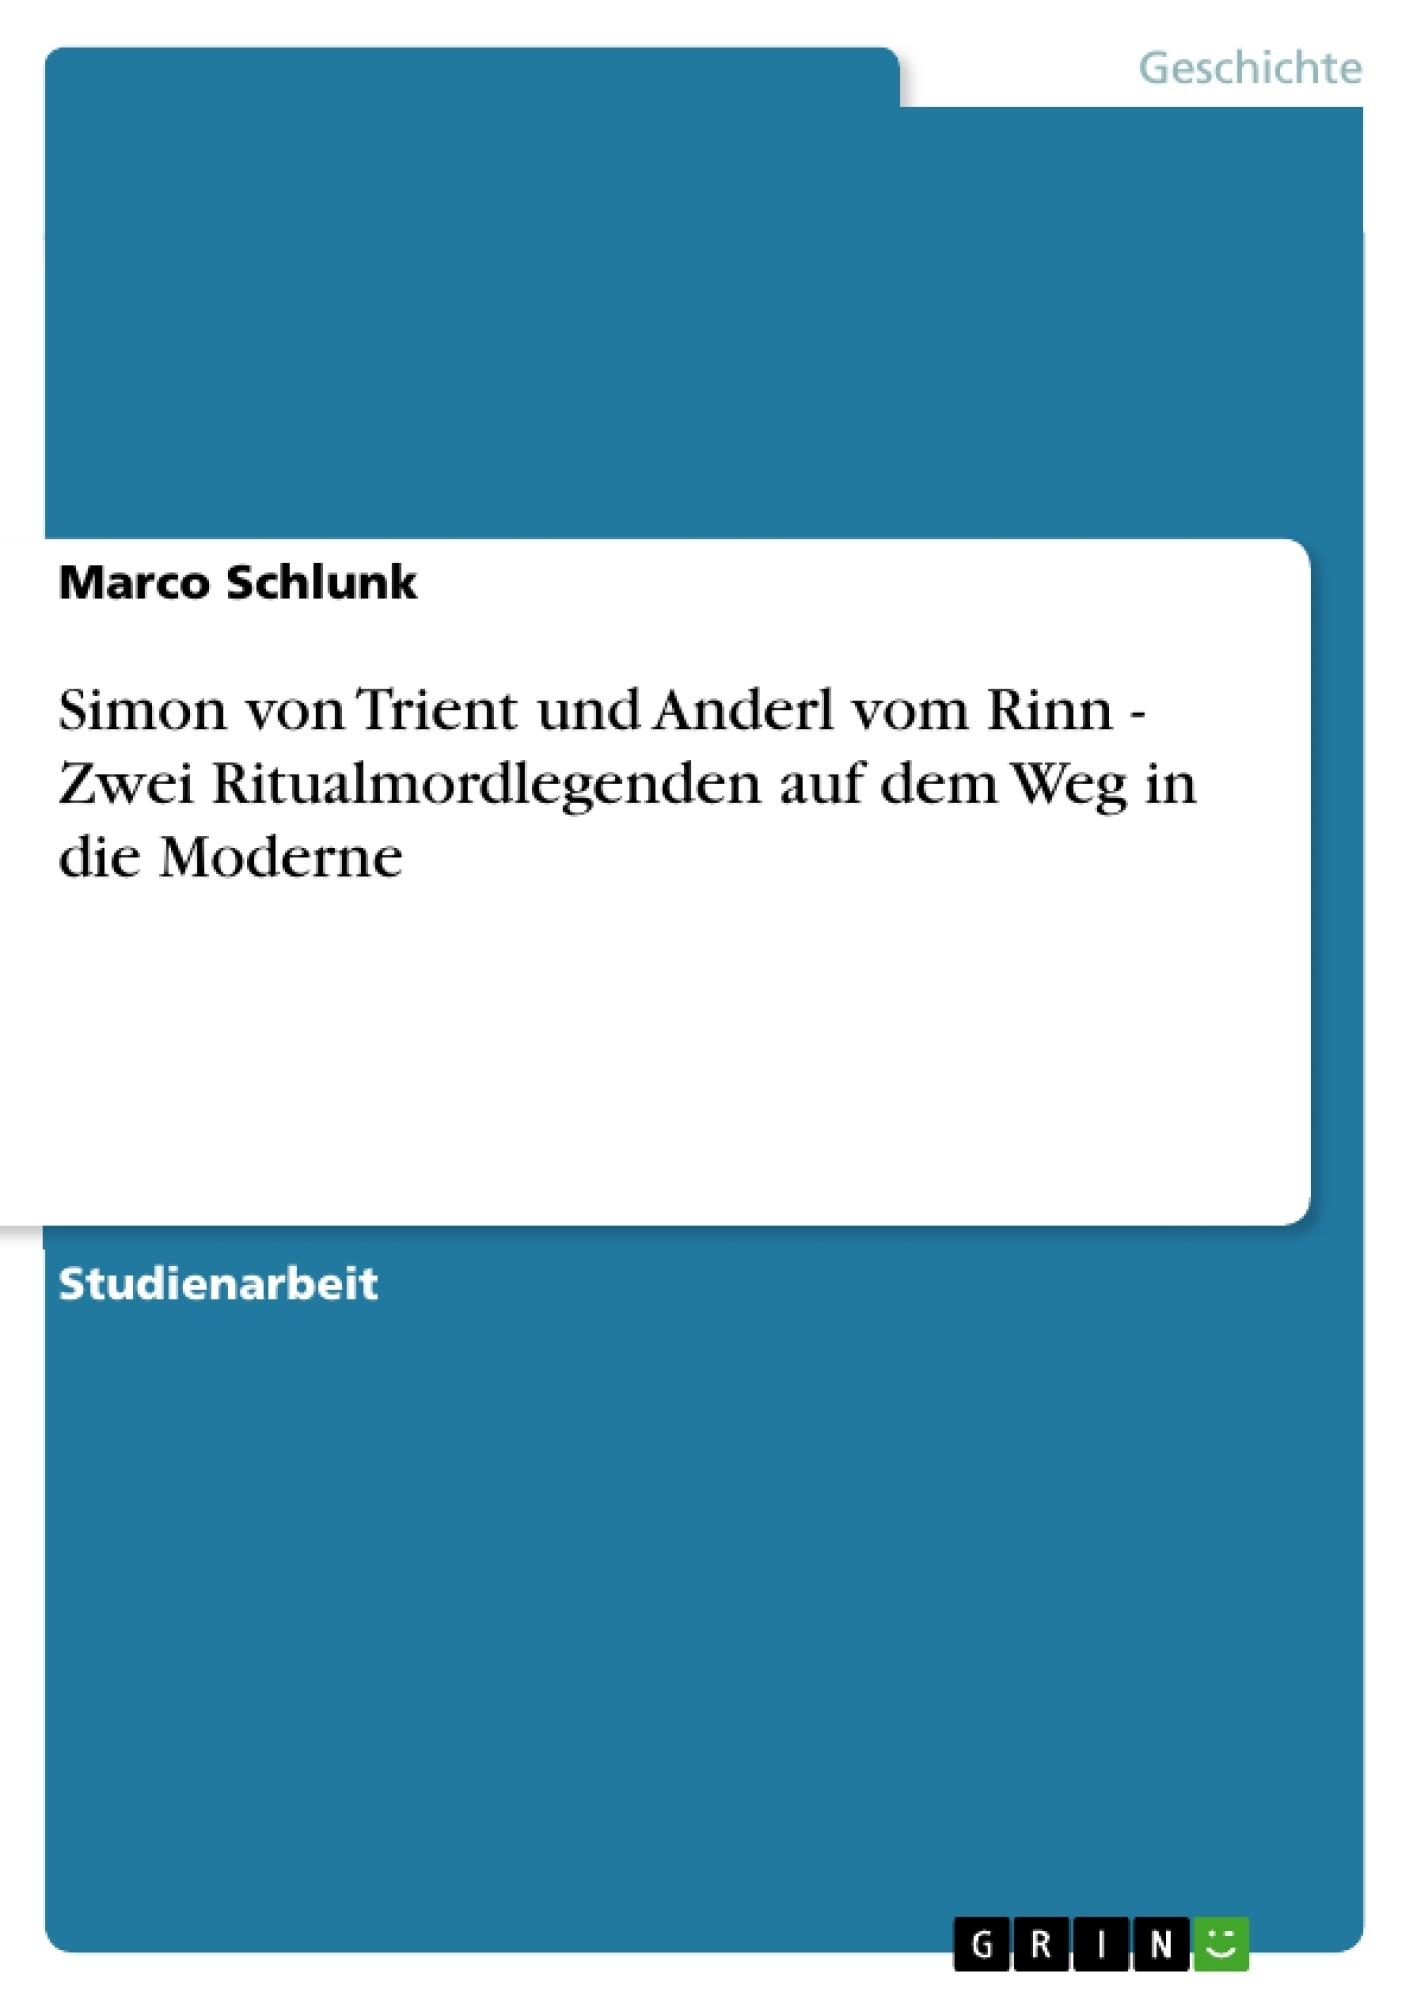 Titel: Simon von Trient und Anderl vom Rinn -  Zwei Ritualmordlegenden auf dem Weg in die Moderne